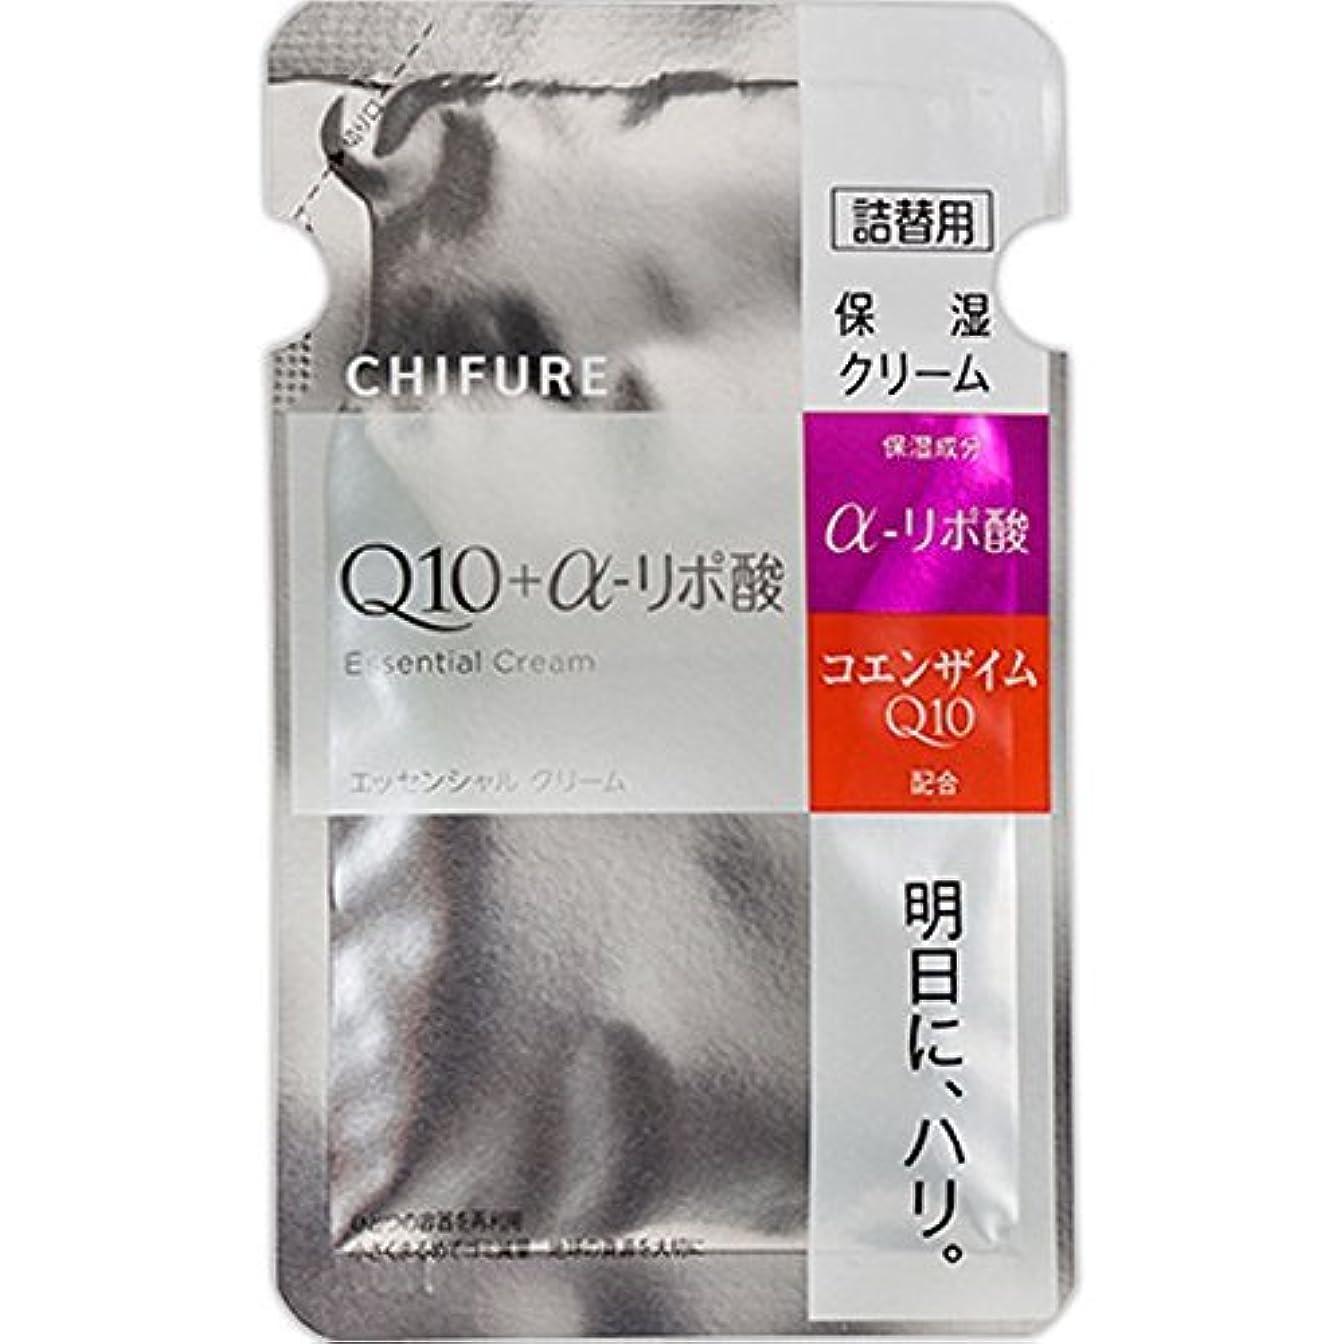 符号幼児ホラーちふれ化粧品 エッセンシャル クリーム 詰替用 30G